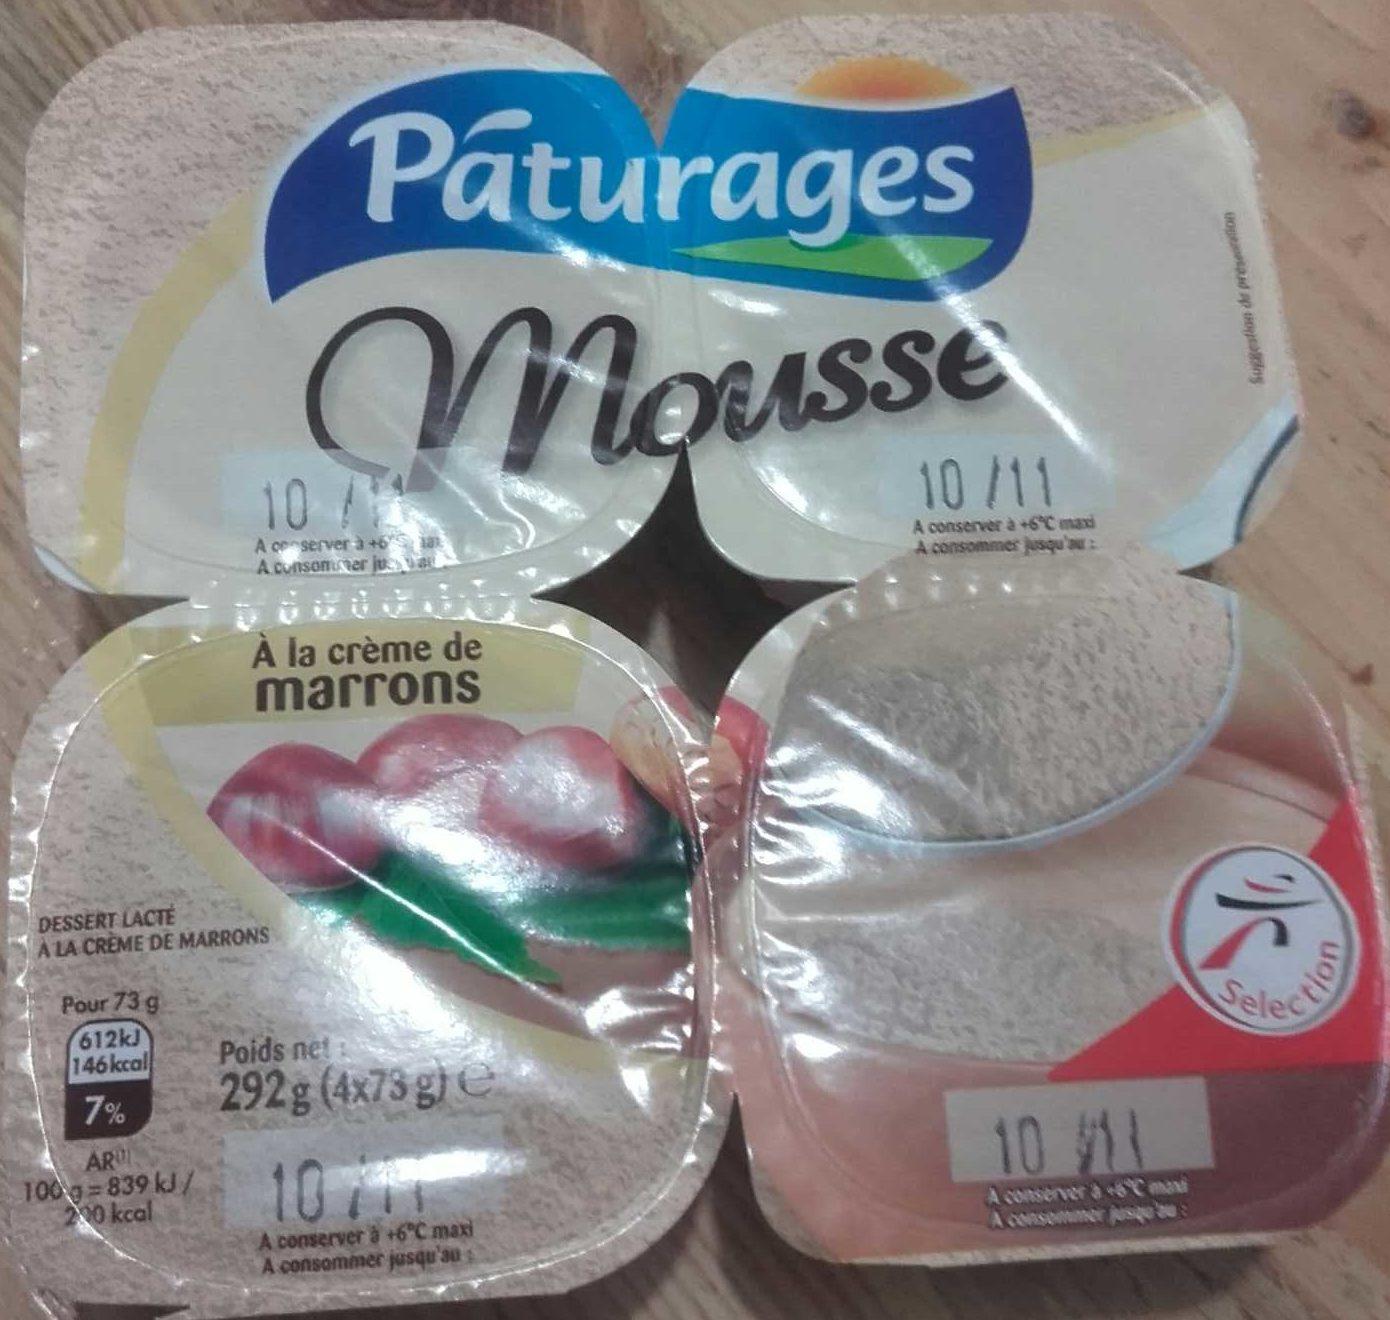 Mousse la cr me de marrons p turages 292 g 4 x 73 g - Mousse a la creme de marron ...